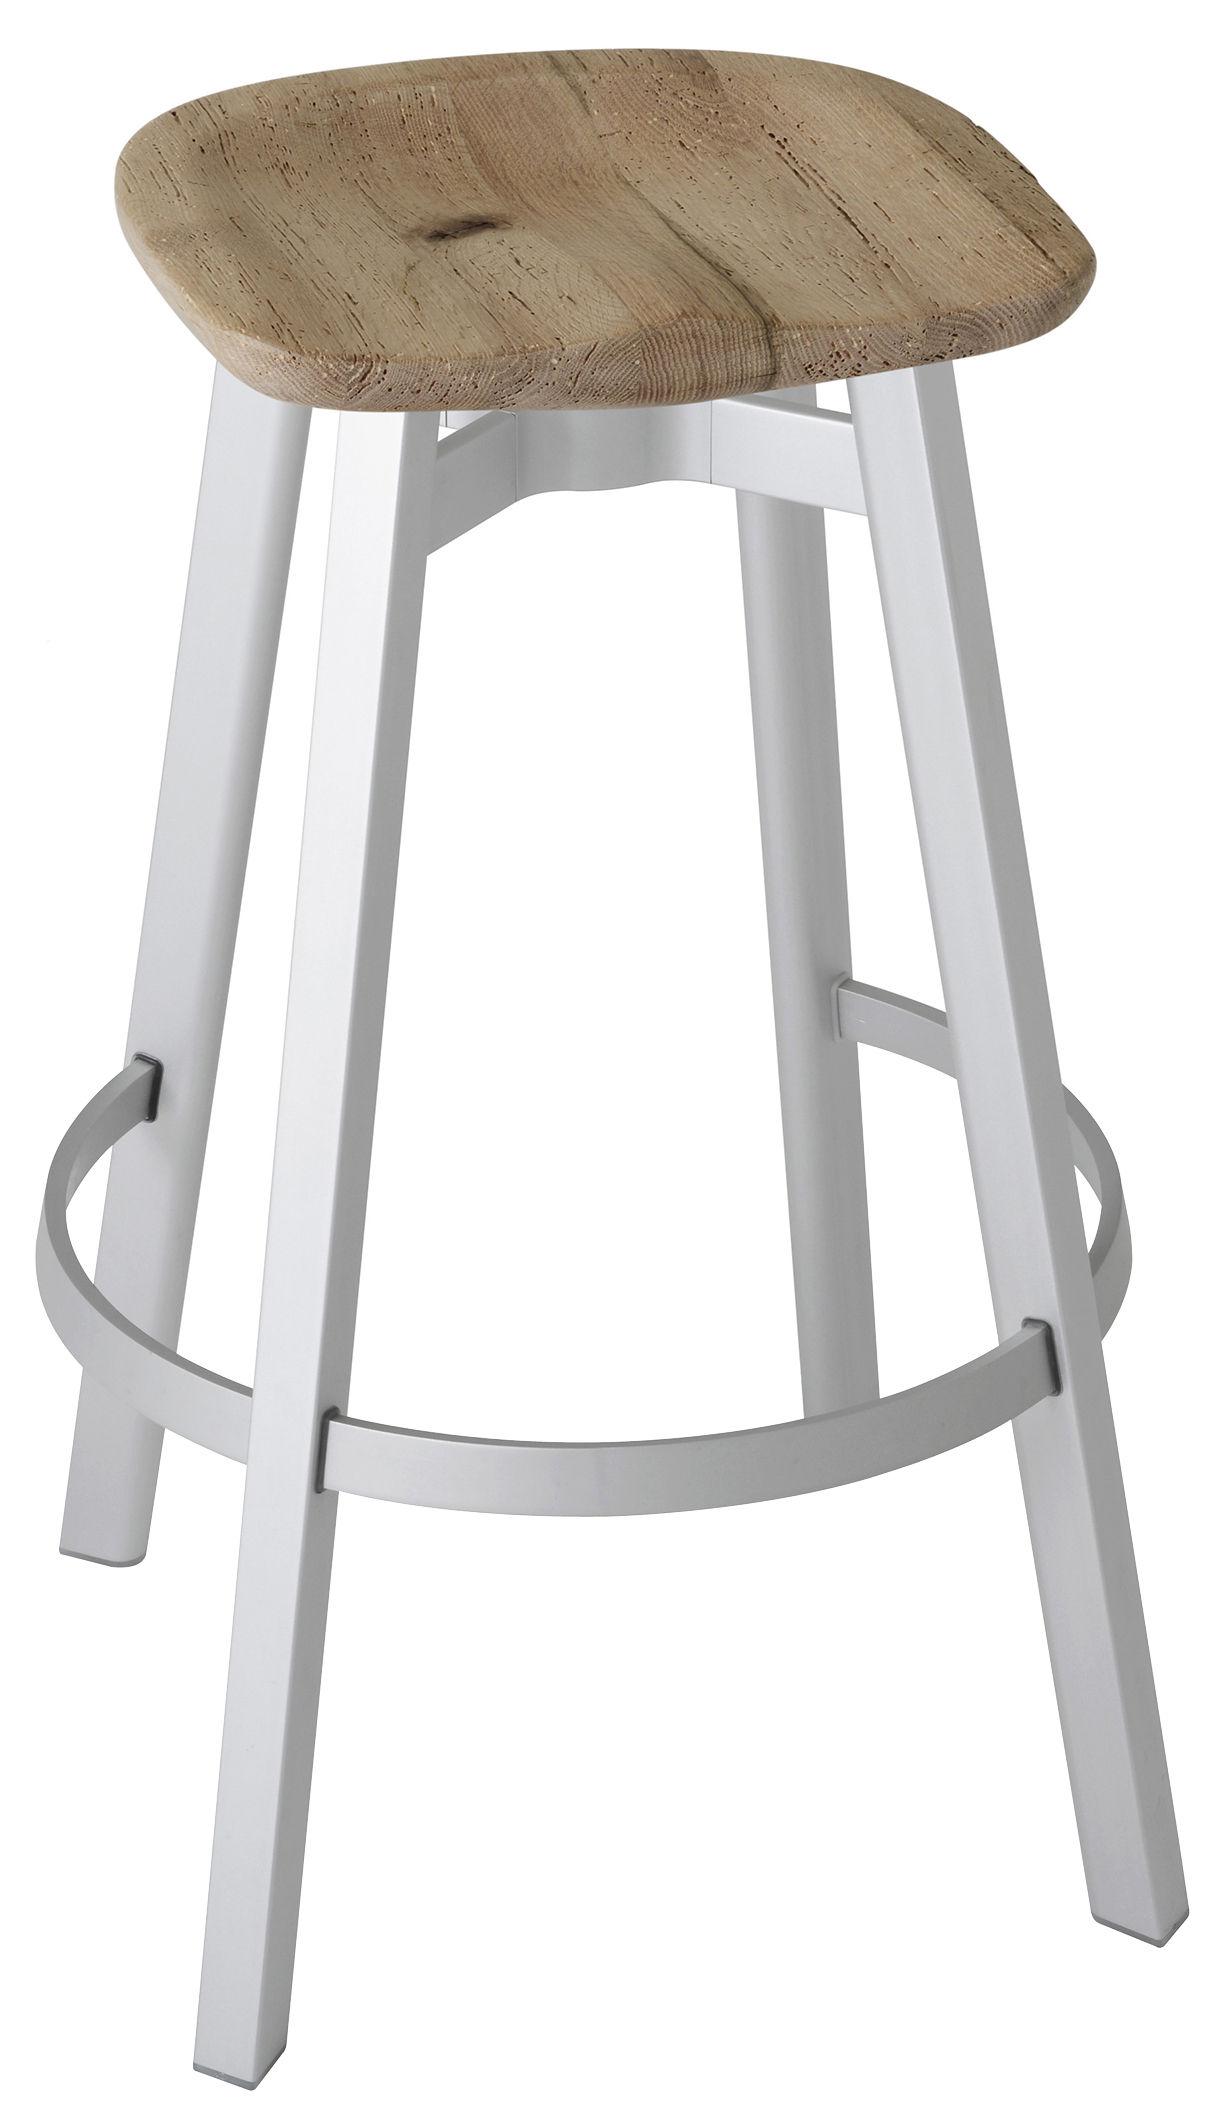 tabouret de bar su h 76 cm assise bois ch ne pieds aluminium emeco. Black Bedroom Furniture Sets. Home Design Ideas